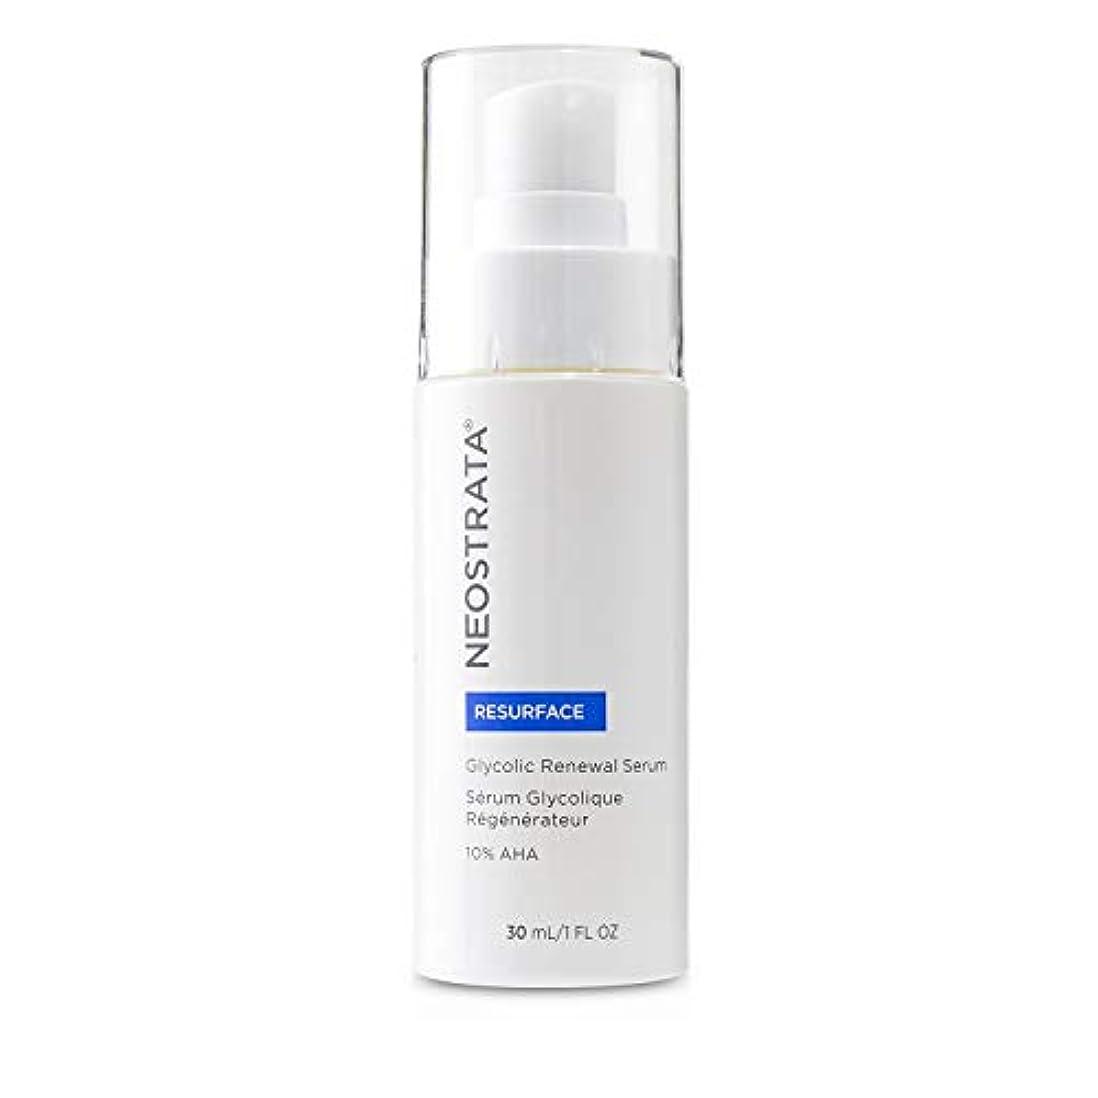 ネオストラータ Resurface - Glycolic Renewal Serum 10% AHA 30ml/1oz並行輸入品